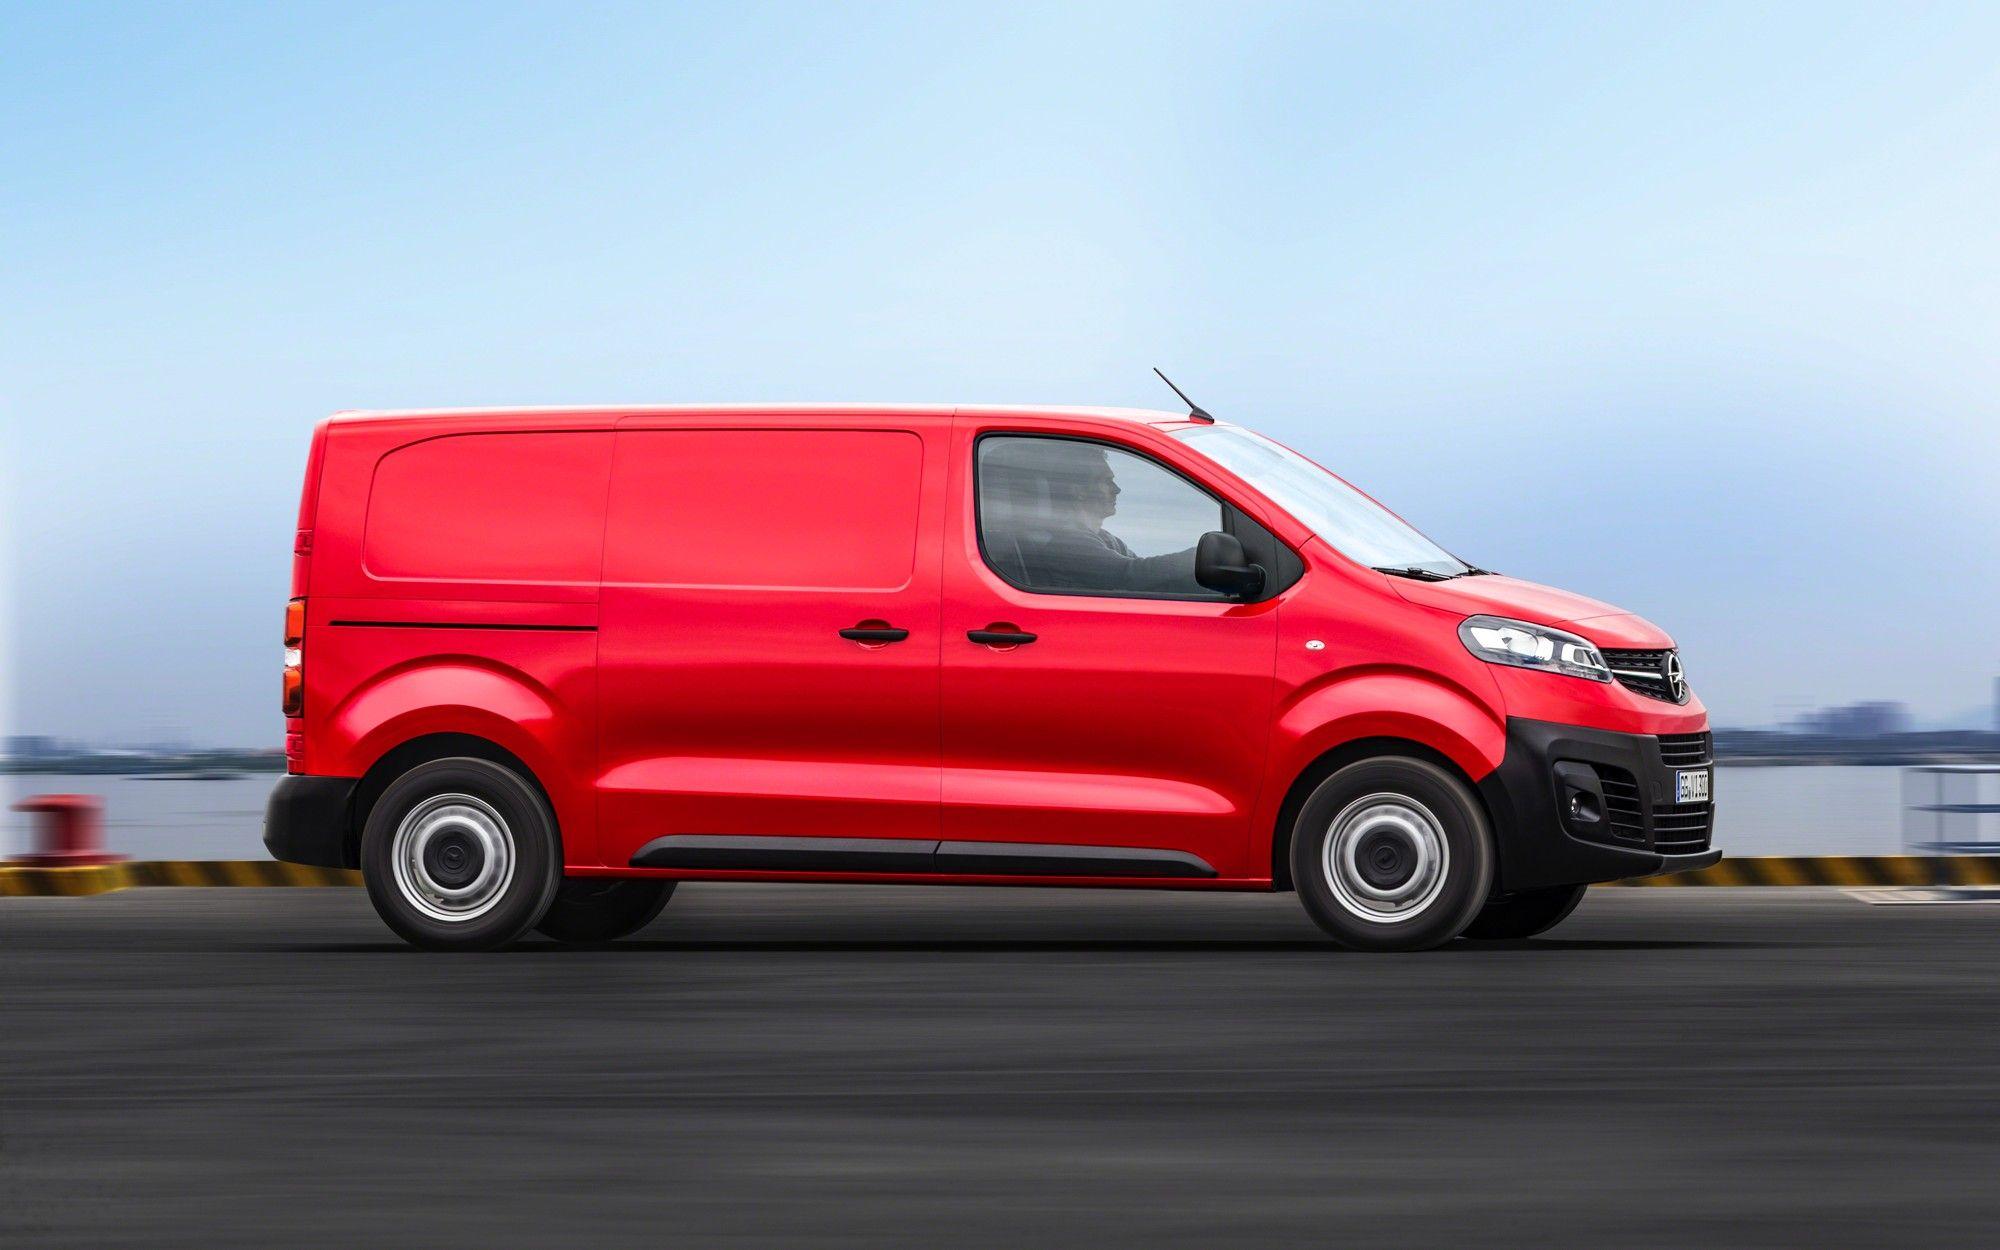 Carmartch Lademeister Oder Buro Auf Radern Jetzt Hier Vorgestellt Opel Vivaro 2019 Fahrzeuge Meister Und Nutzfahrzeuge